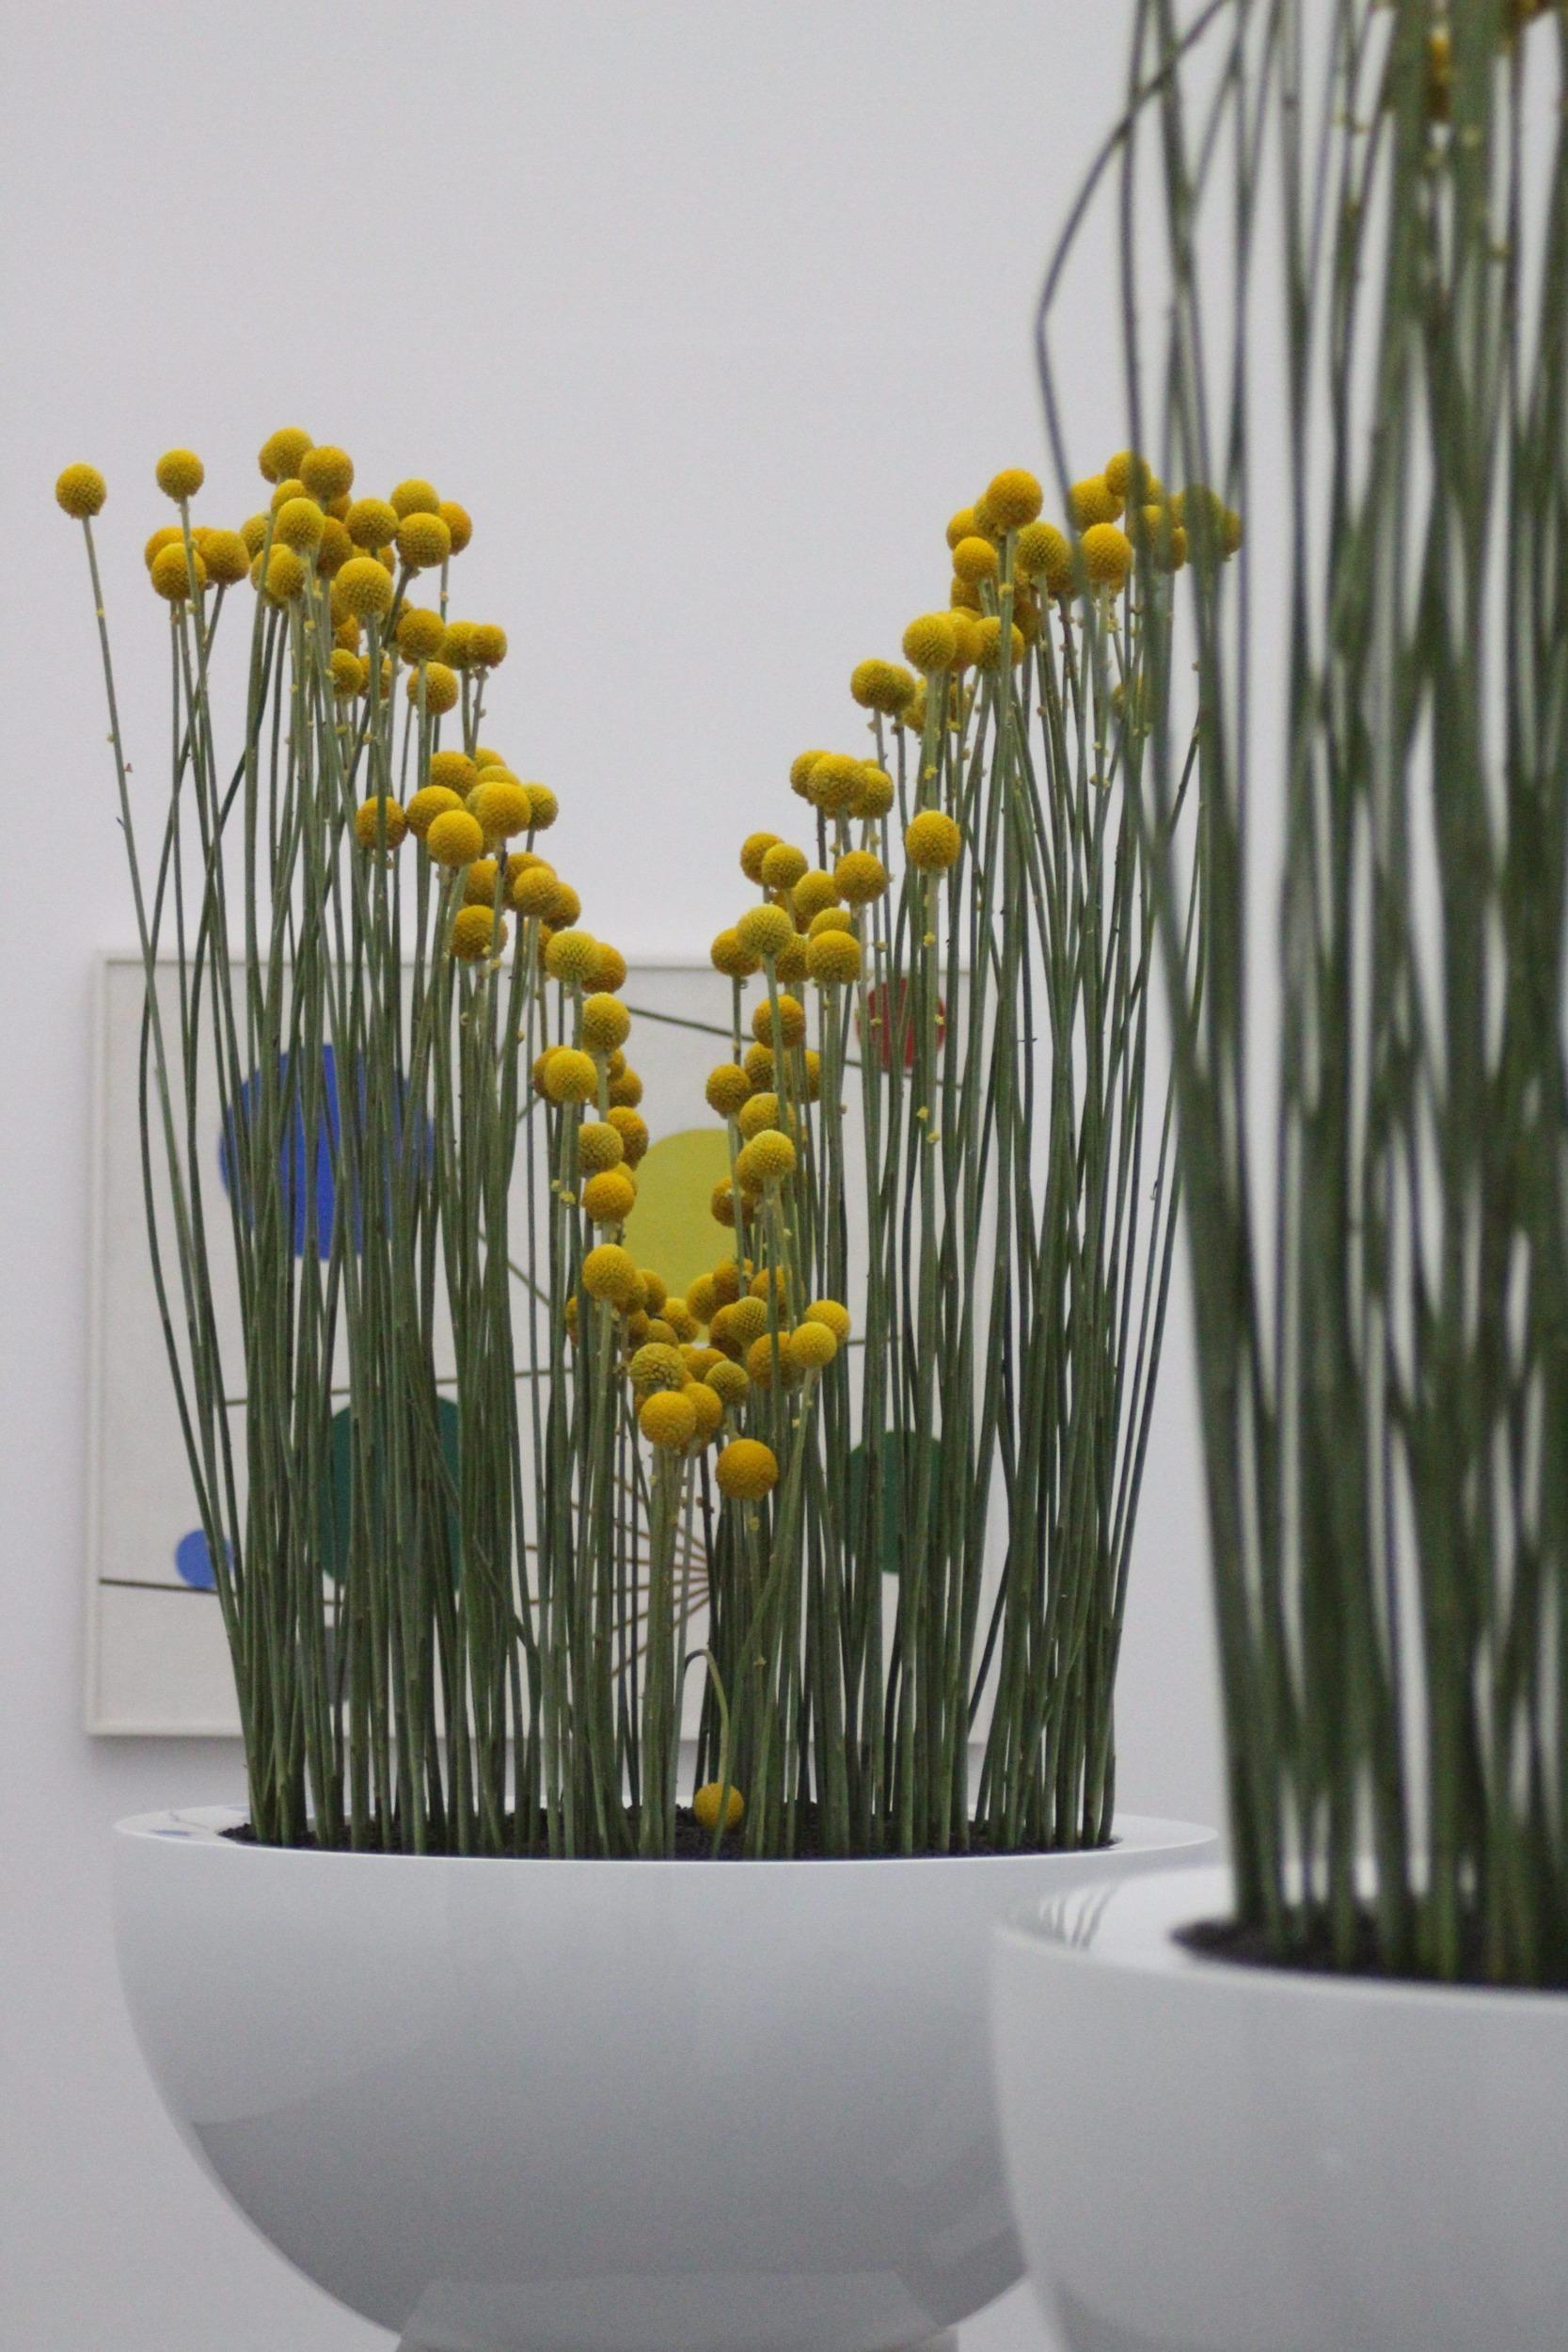 Ausstellung Aargauer Kunsthaus Blumen Fur Die Kunst Walter Zellweger